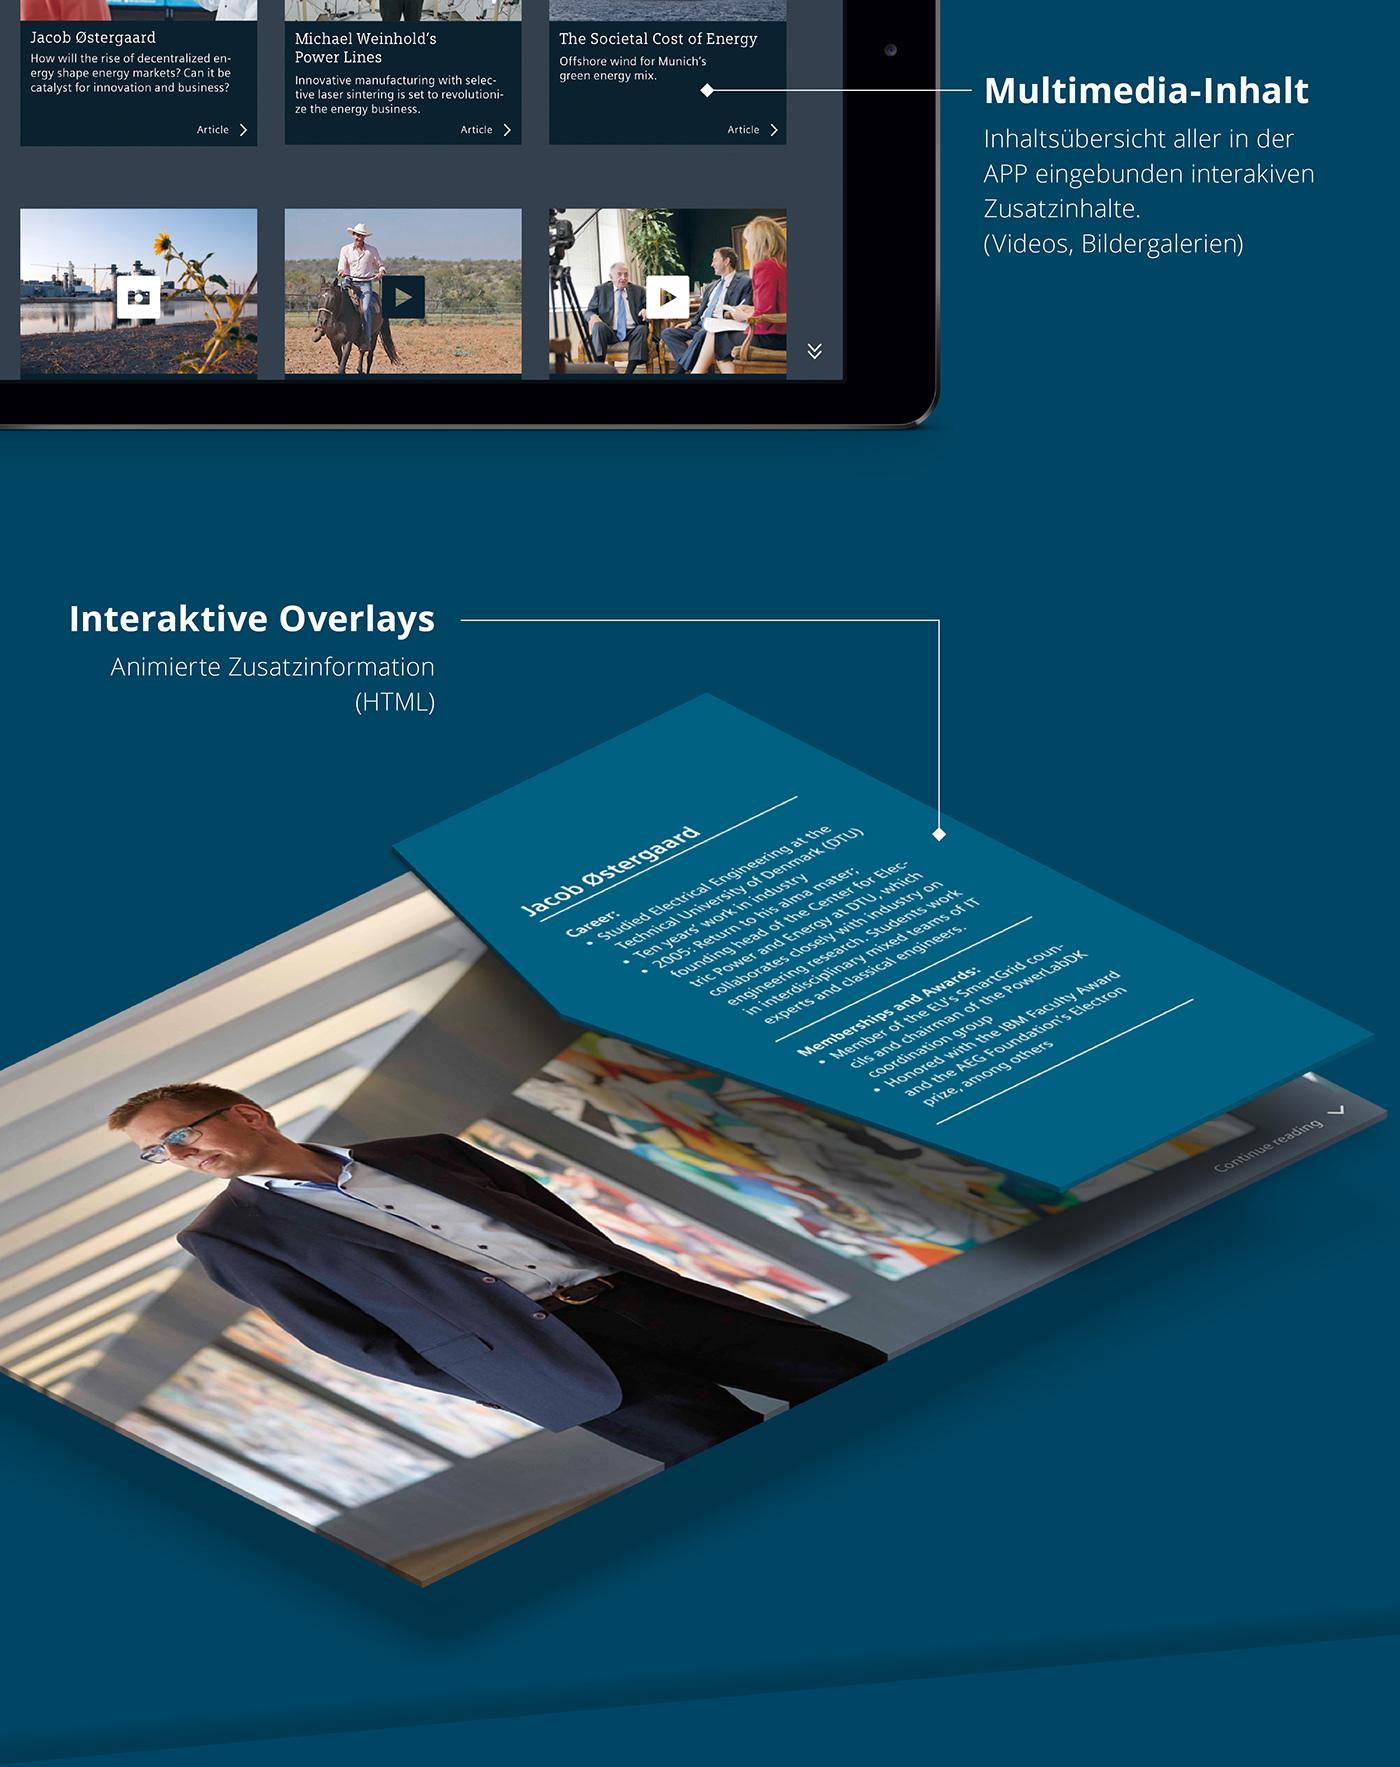 Adobe digital publishing app 2issue DPS tablet